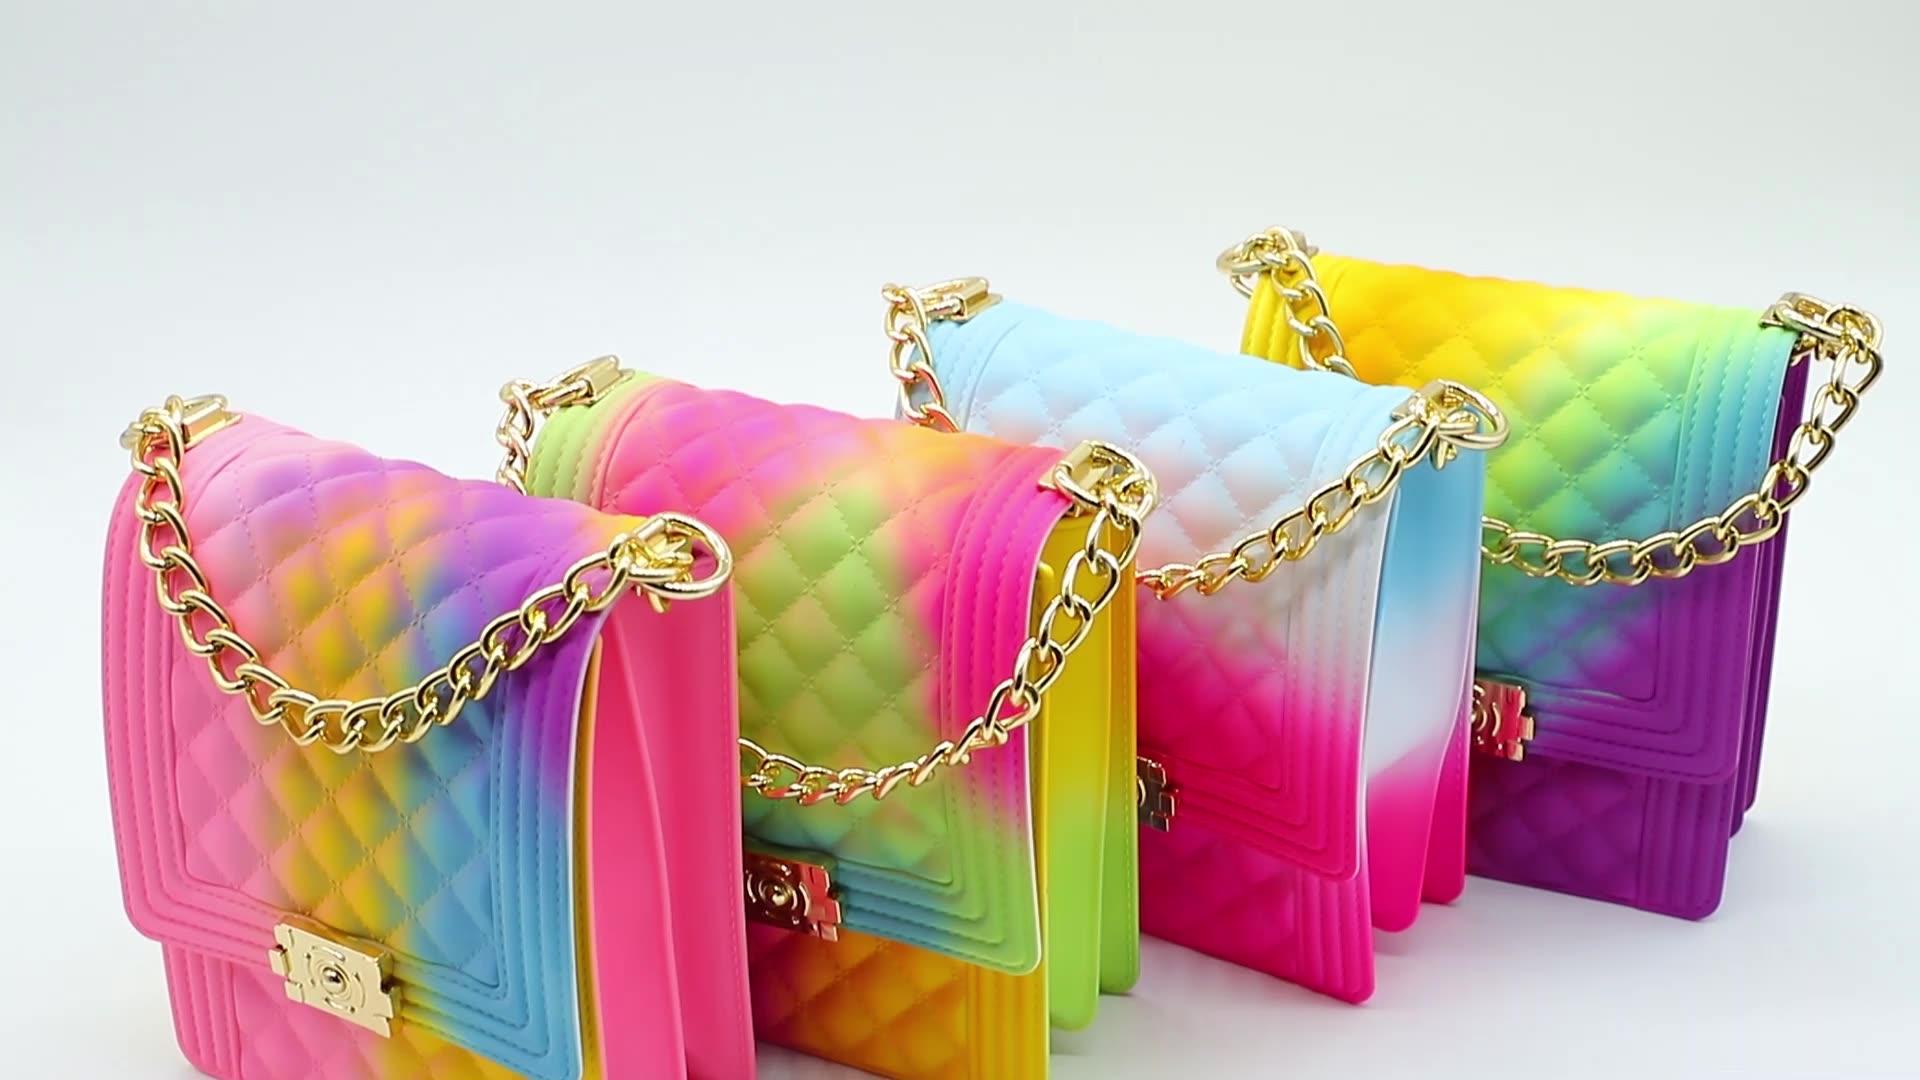 ゼリーハンドバッグ 2020 新しい女性のホット販売ゼリーショルダーバッグカラフルな pvc 財布トートマットショルダーバッグハンドバッグゼリー財布